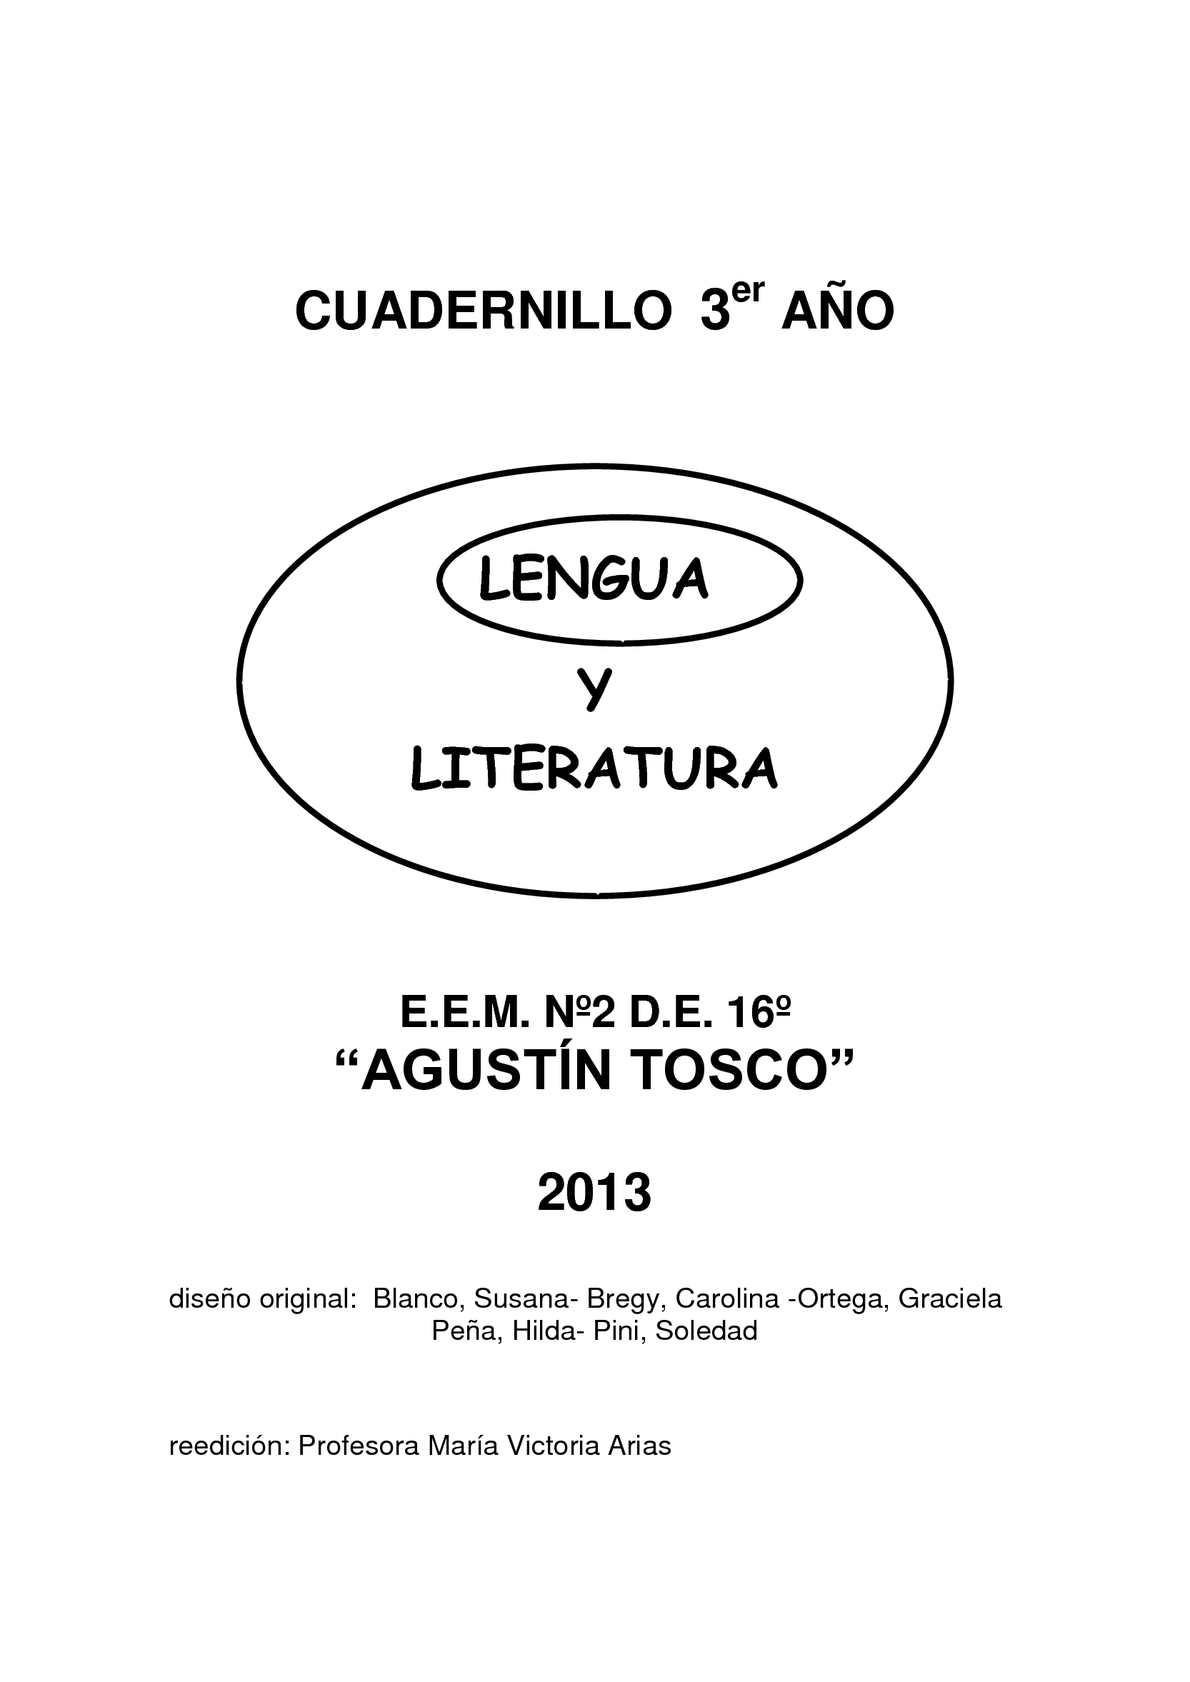 Calaméo - LENGUA - 3er AÑO